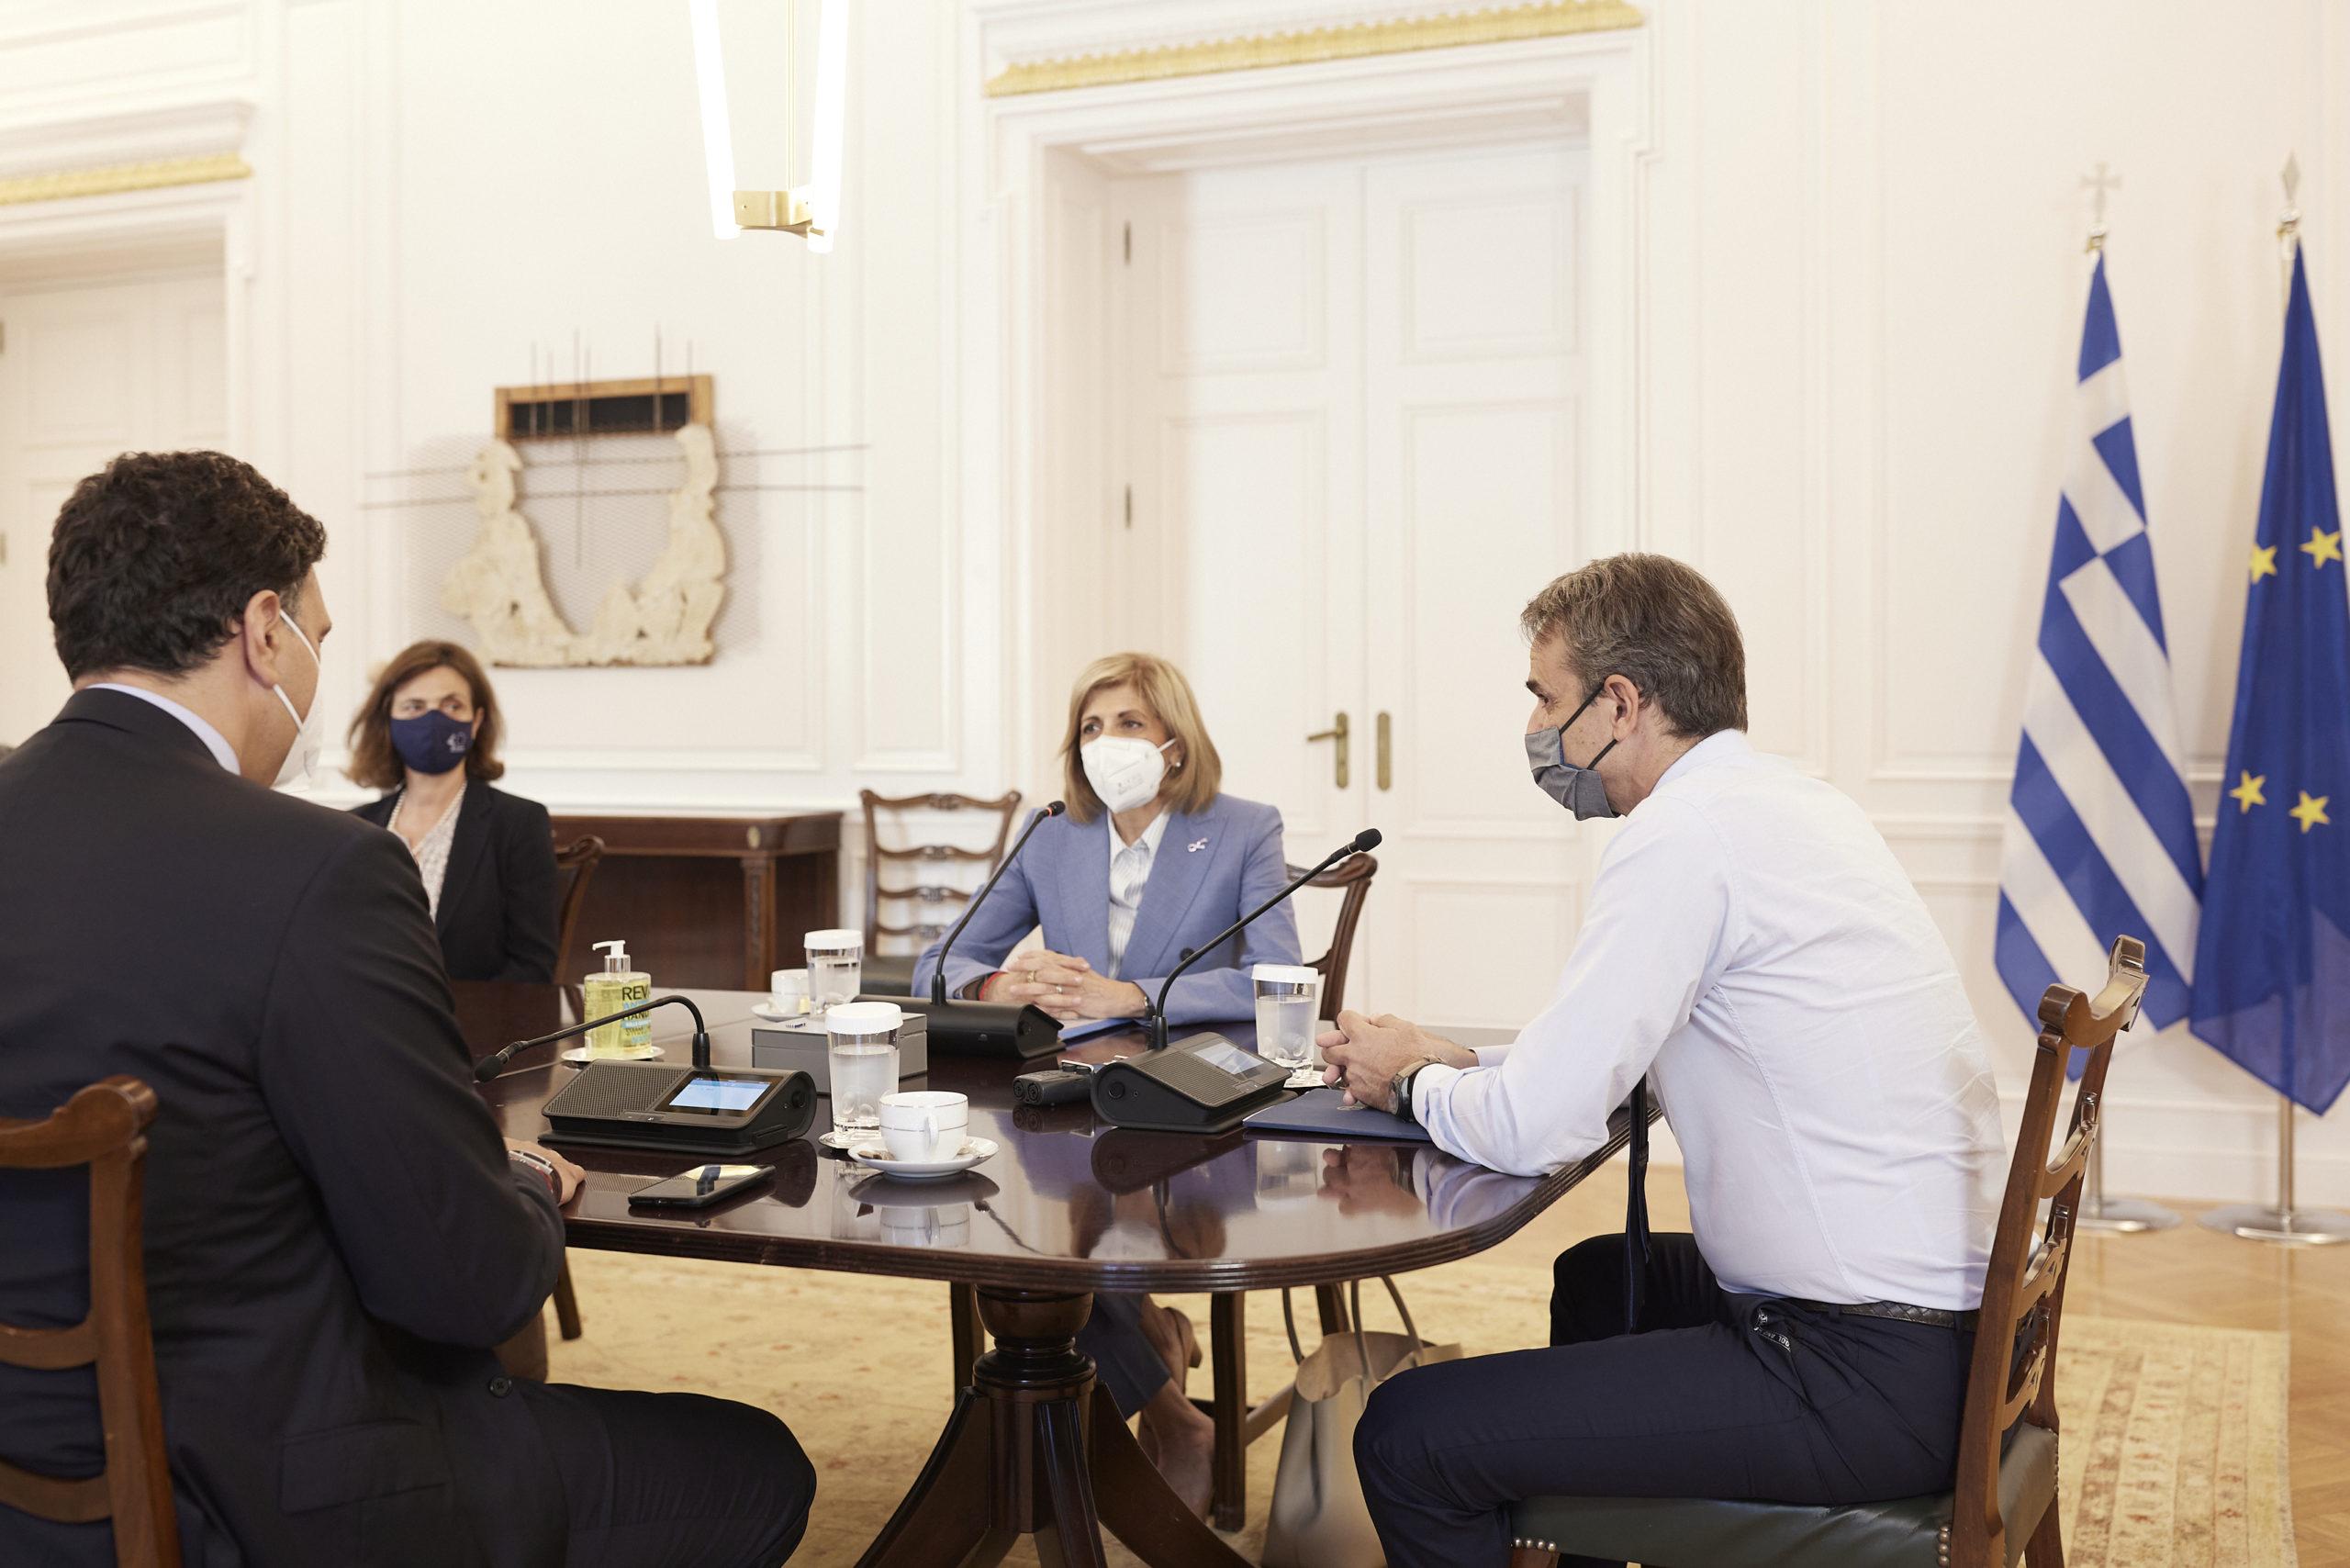 Συνάντηση του Κ. Μητσοτάκη με την επίτροπο Υείας Σ. Κυριακίδου για την πορεία του εμβολιασμού (video)